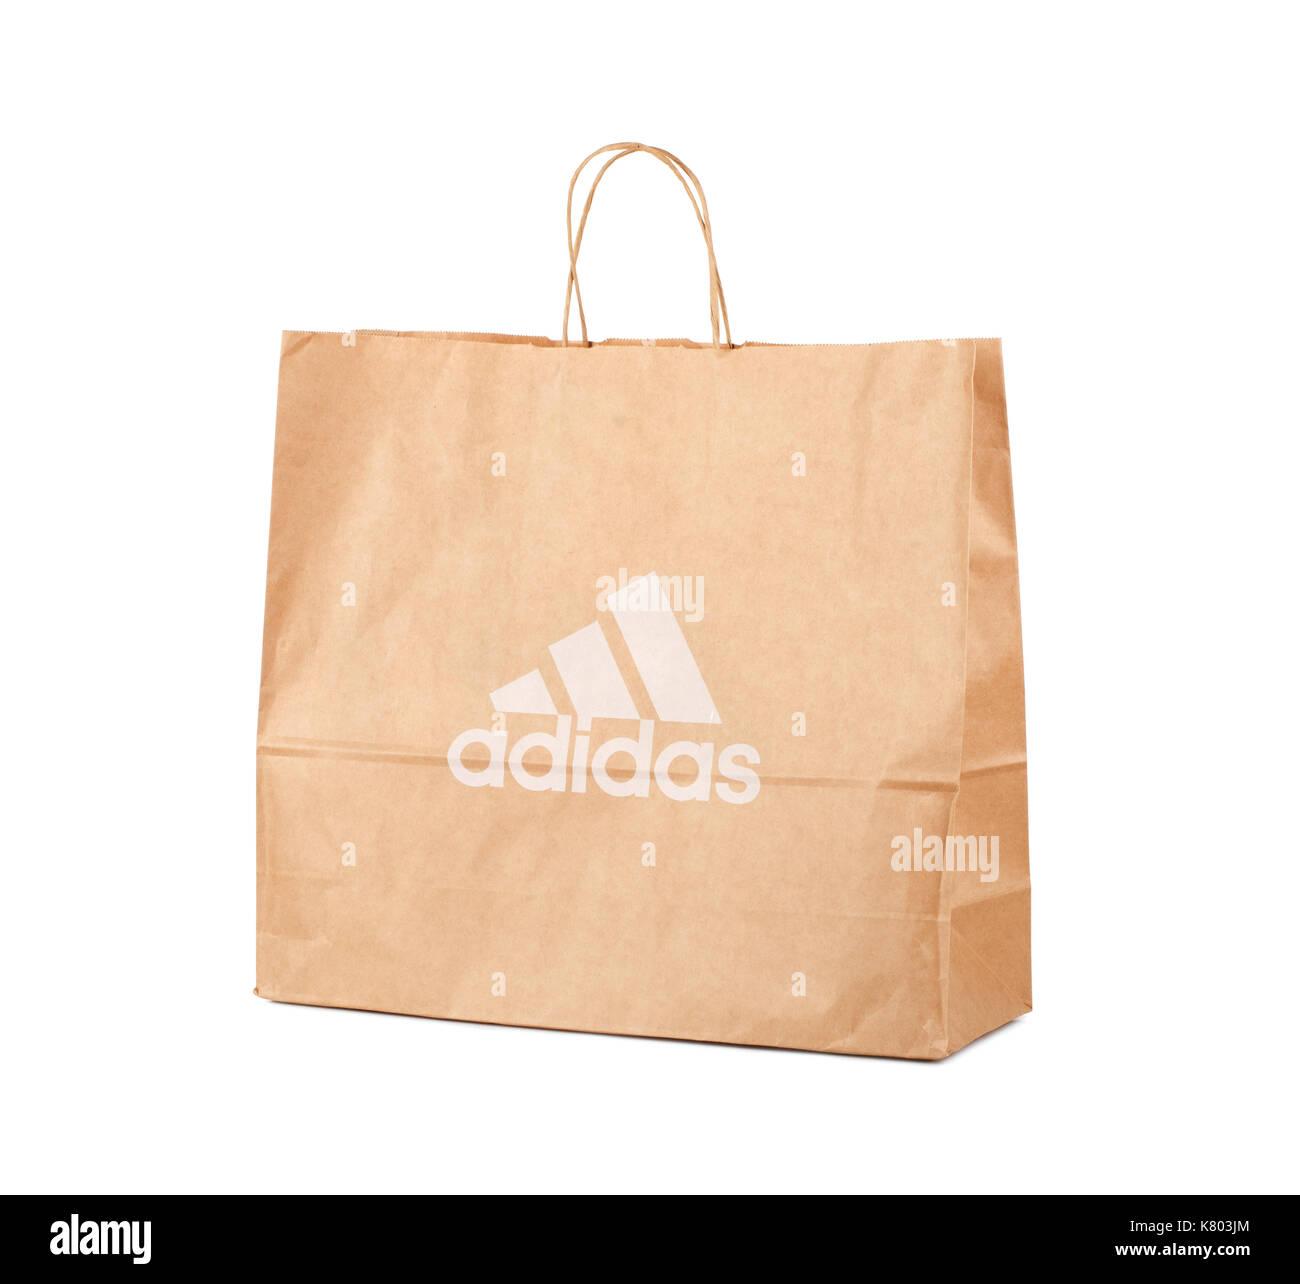 SAMARA, RUSSIE - 17 juin 2017: Adidas sac de papier avec le logo de l'entreprise célèbre, d'illustration editorial Photo Stock